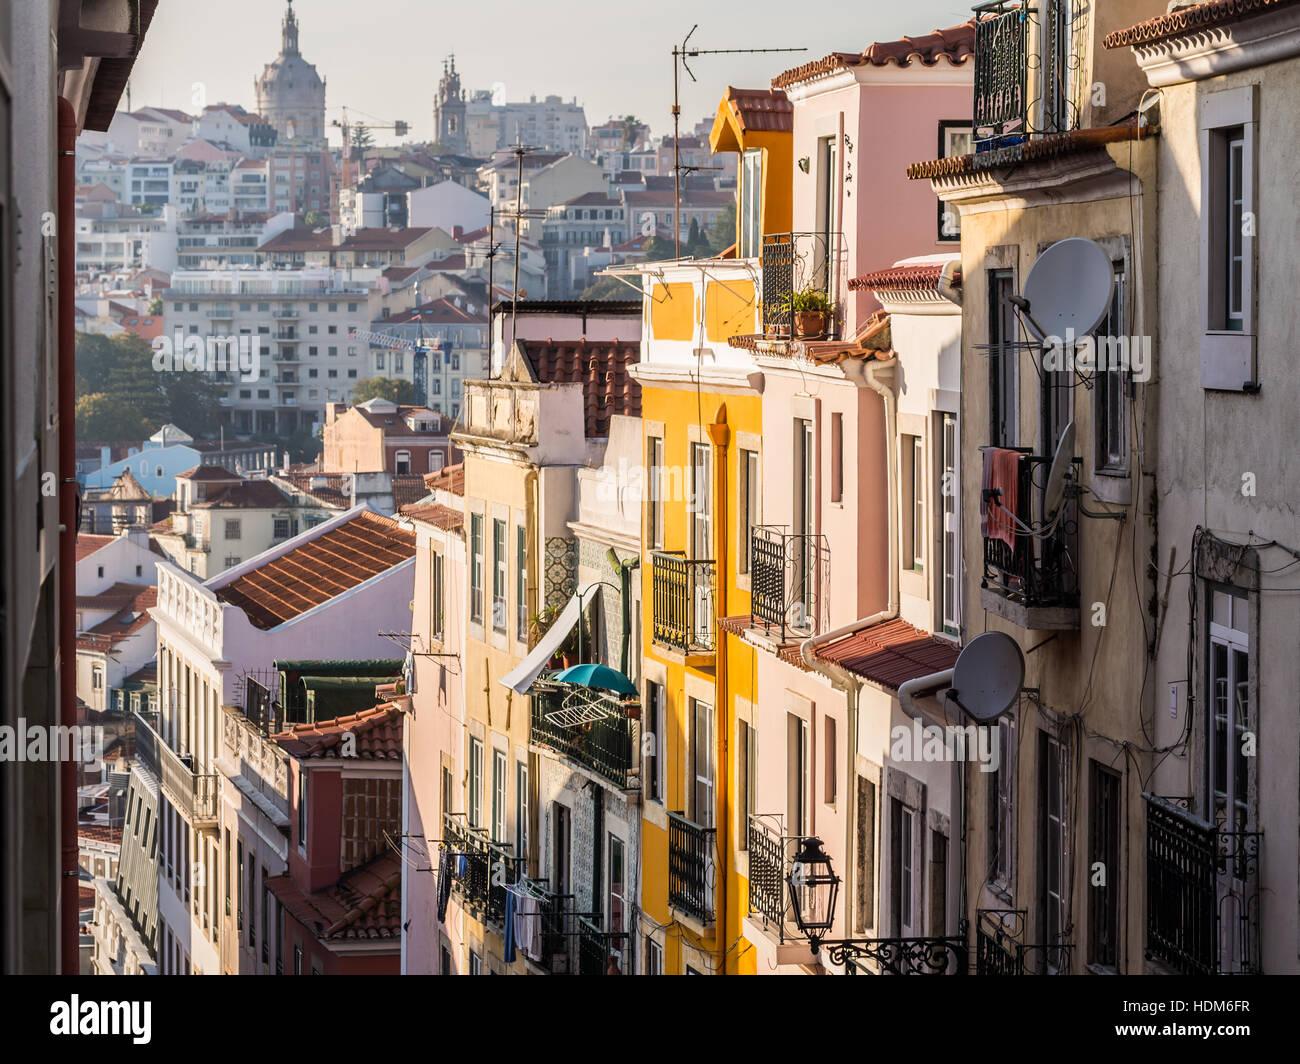 Dans l'architecture de la vieille ville de Lisbonne, Portugal. Photo Stock